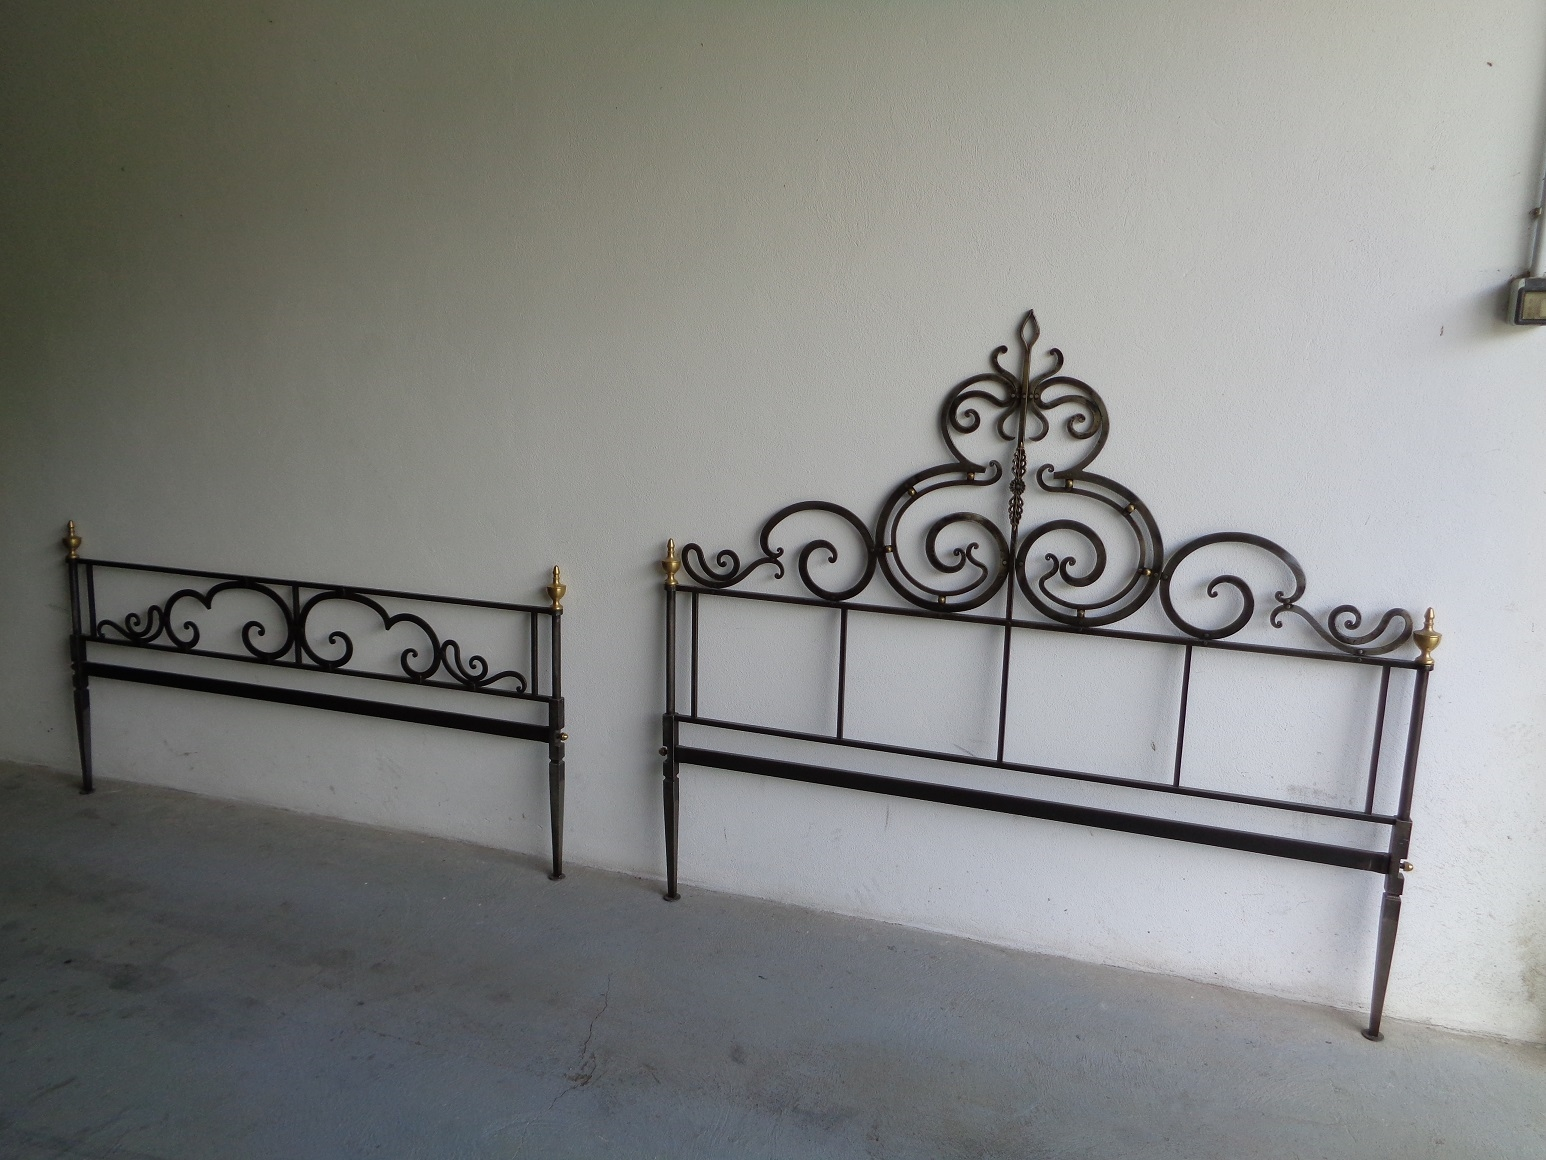 Letto in ferro battuto con finitura anticata - Letti a prezzi scontati